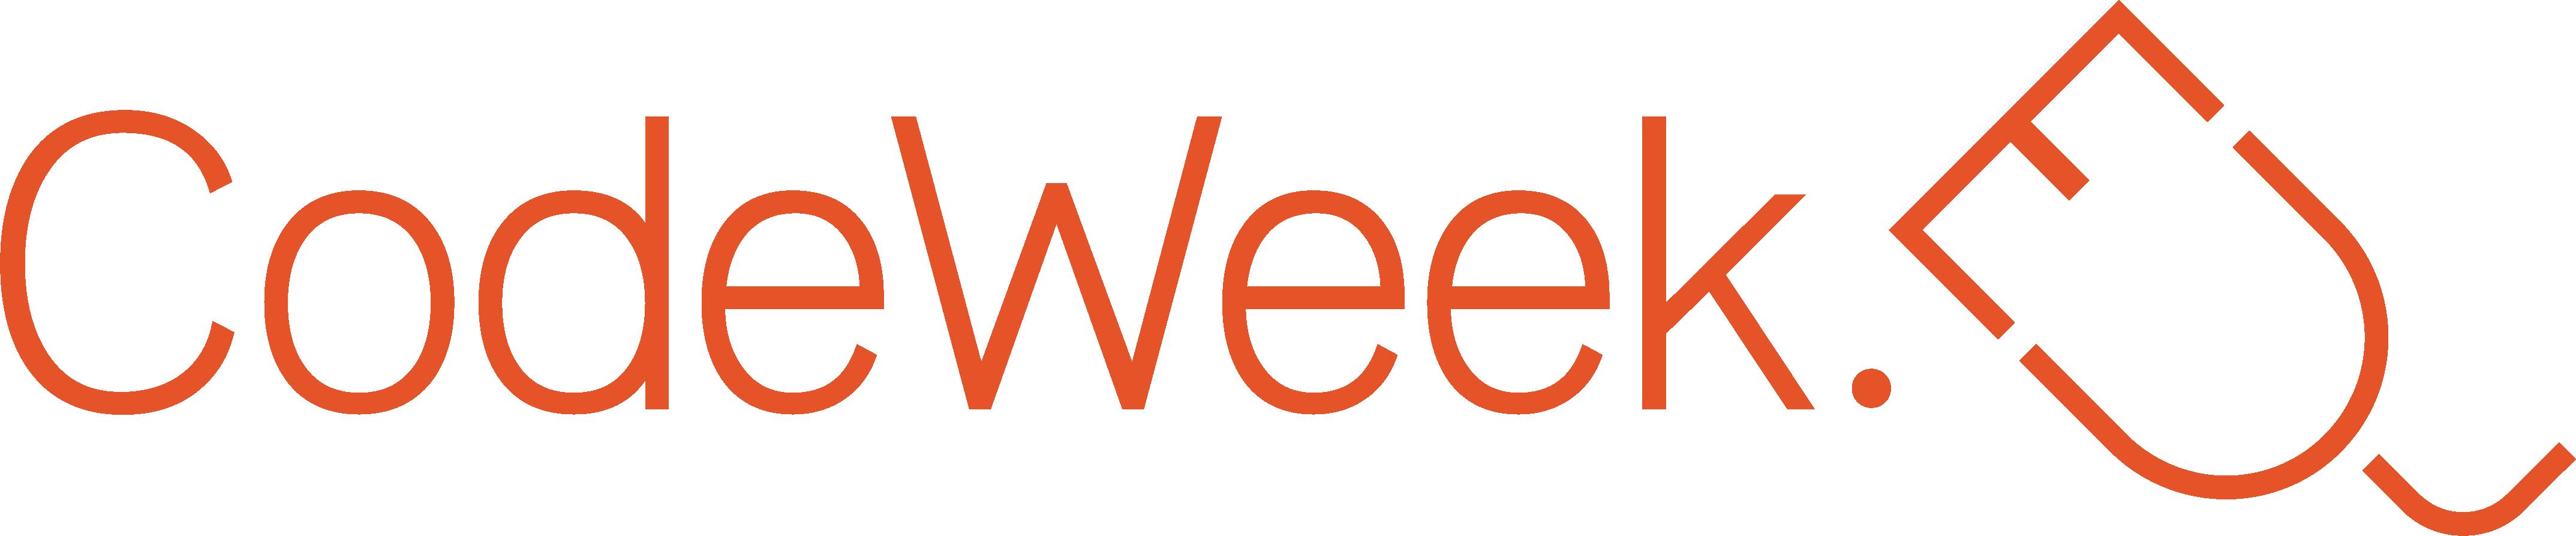 codeweek2020logo